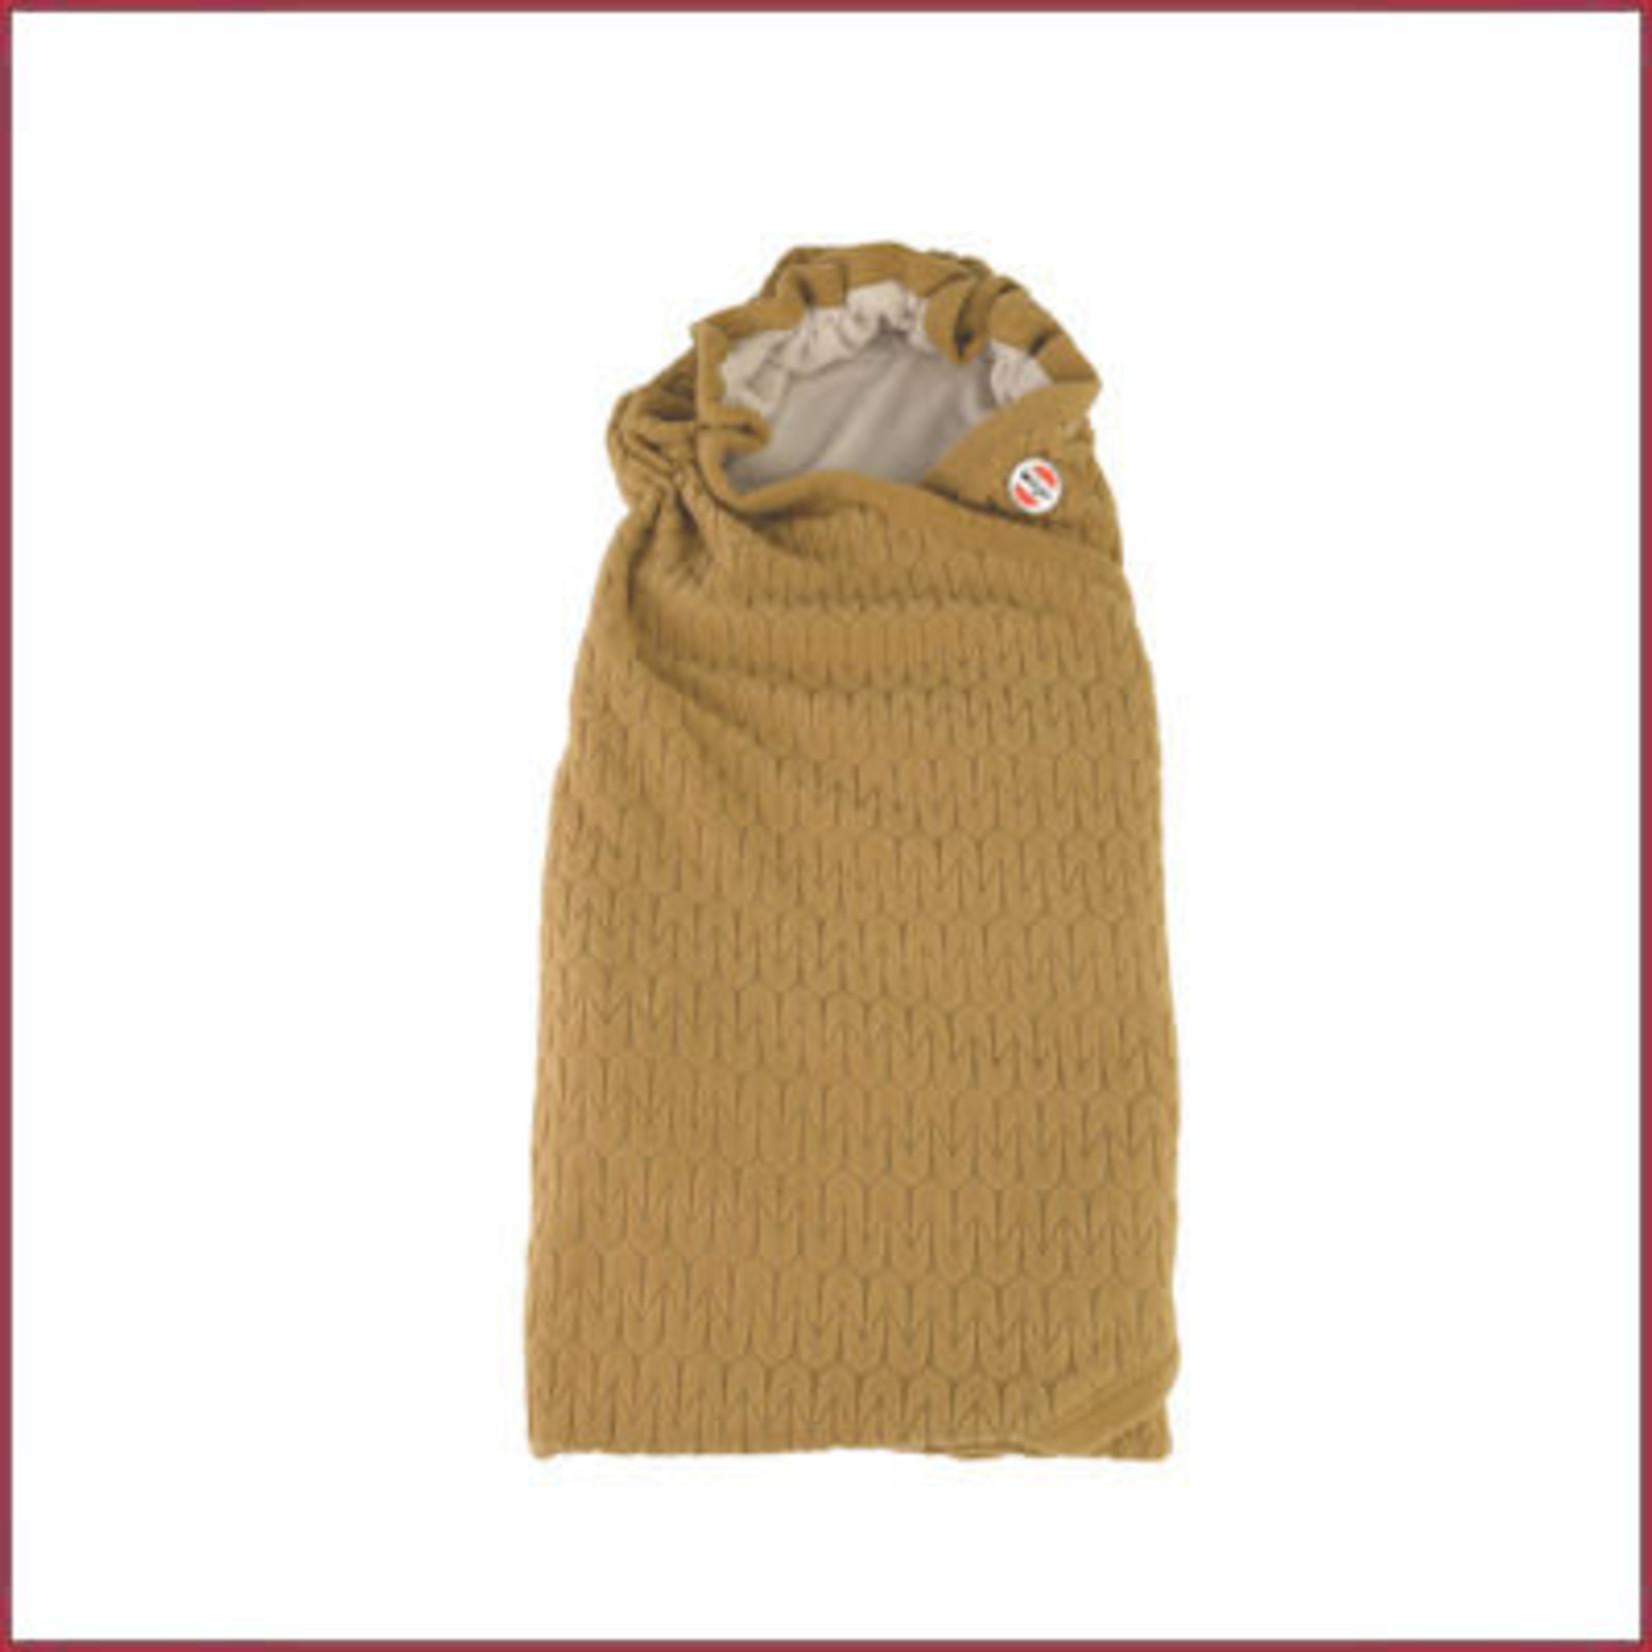 Lodger Inwikkeldoek Wrapper Original Empire fleece